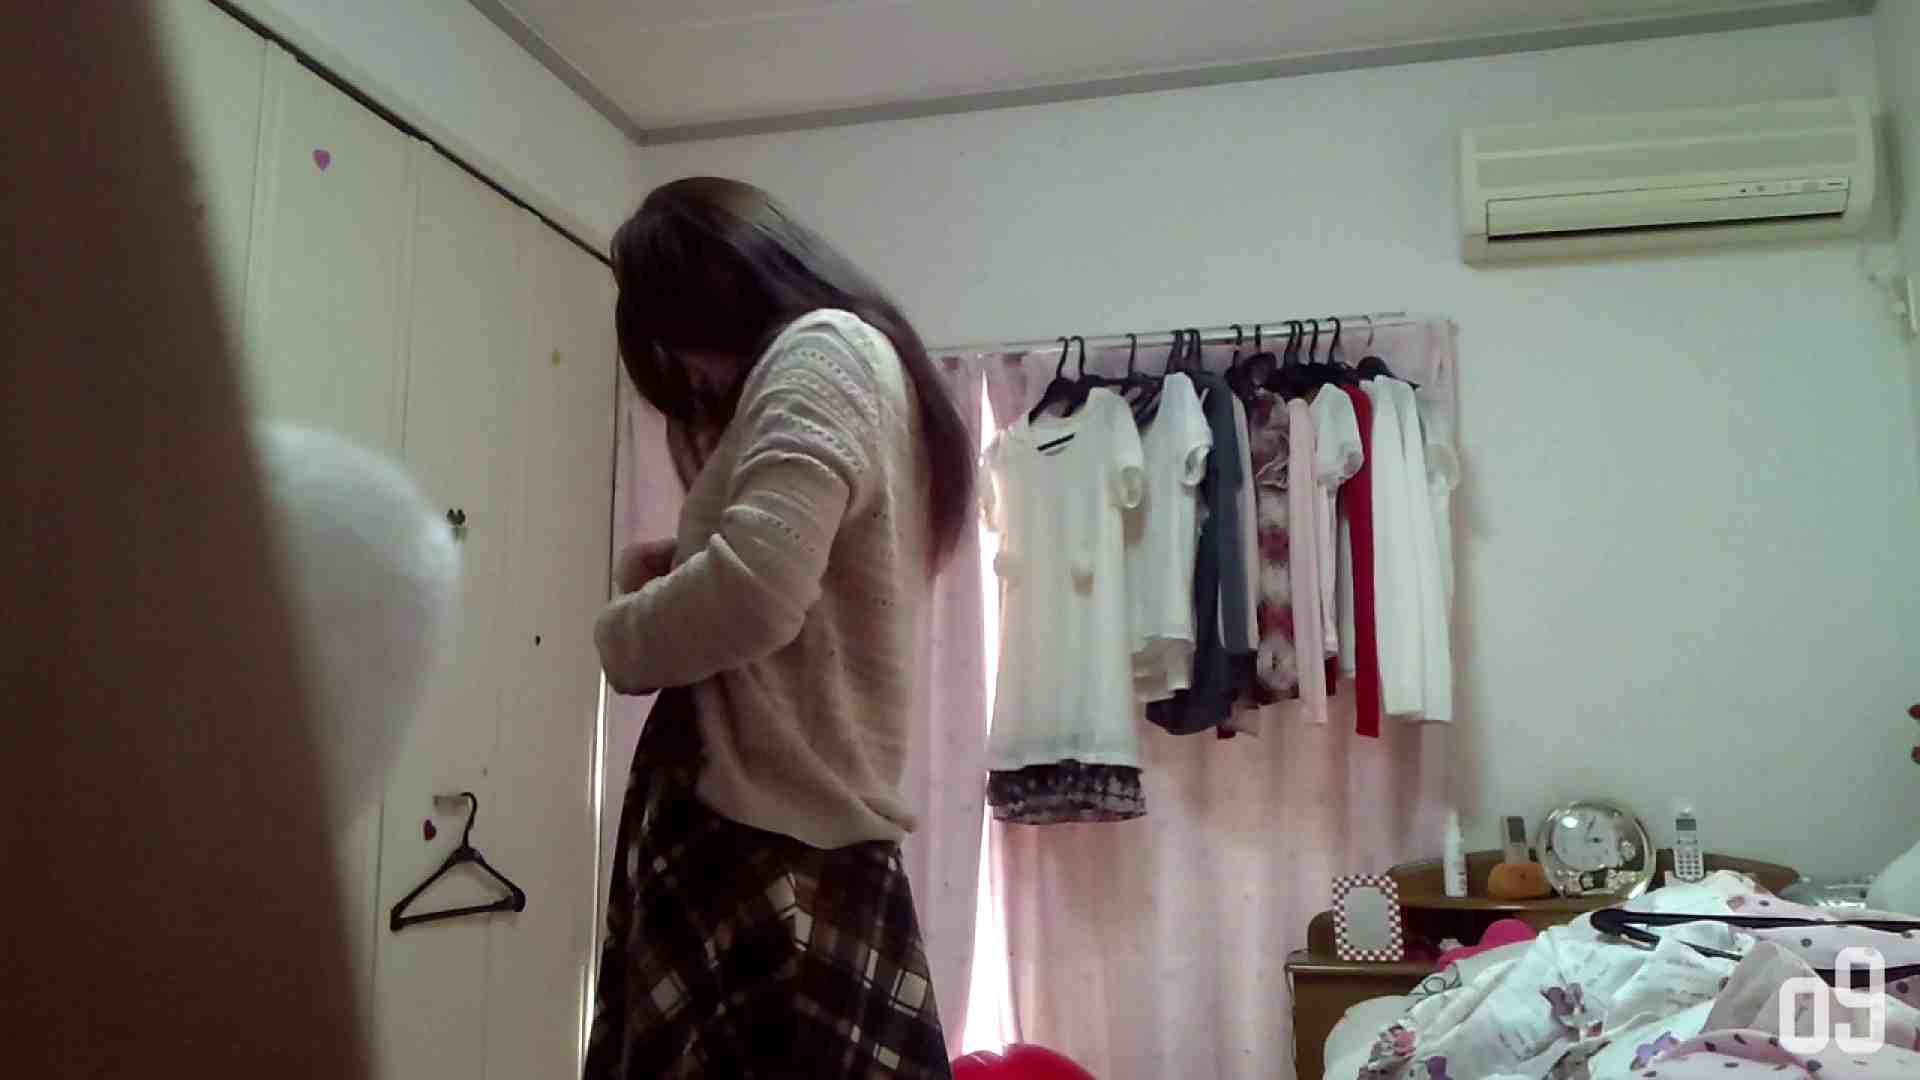 ハメ撮り|vol.2 瑞希ちゃんの自宅公開!寝起きの着替え・・・ラリルそー|大奥